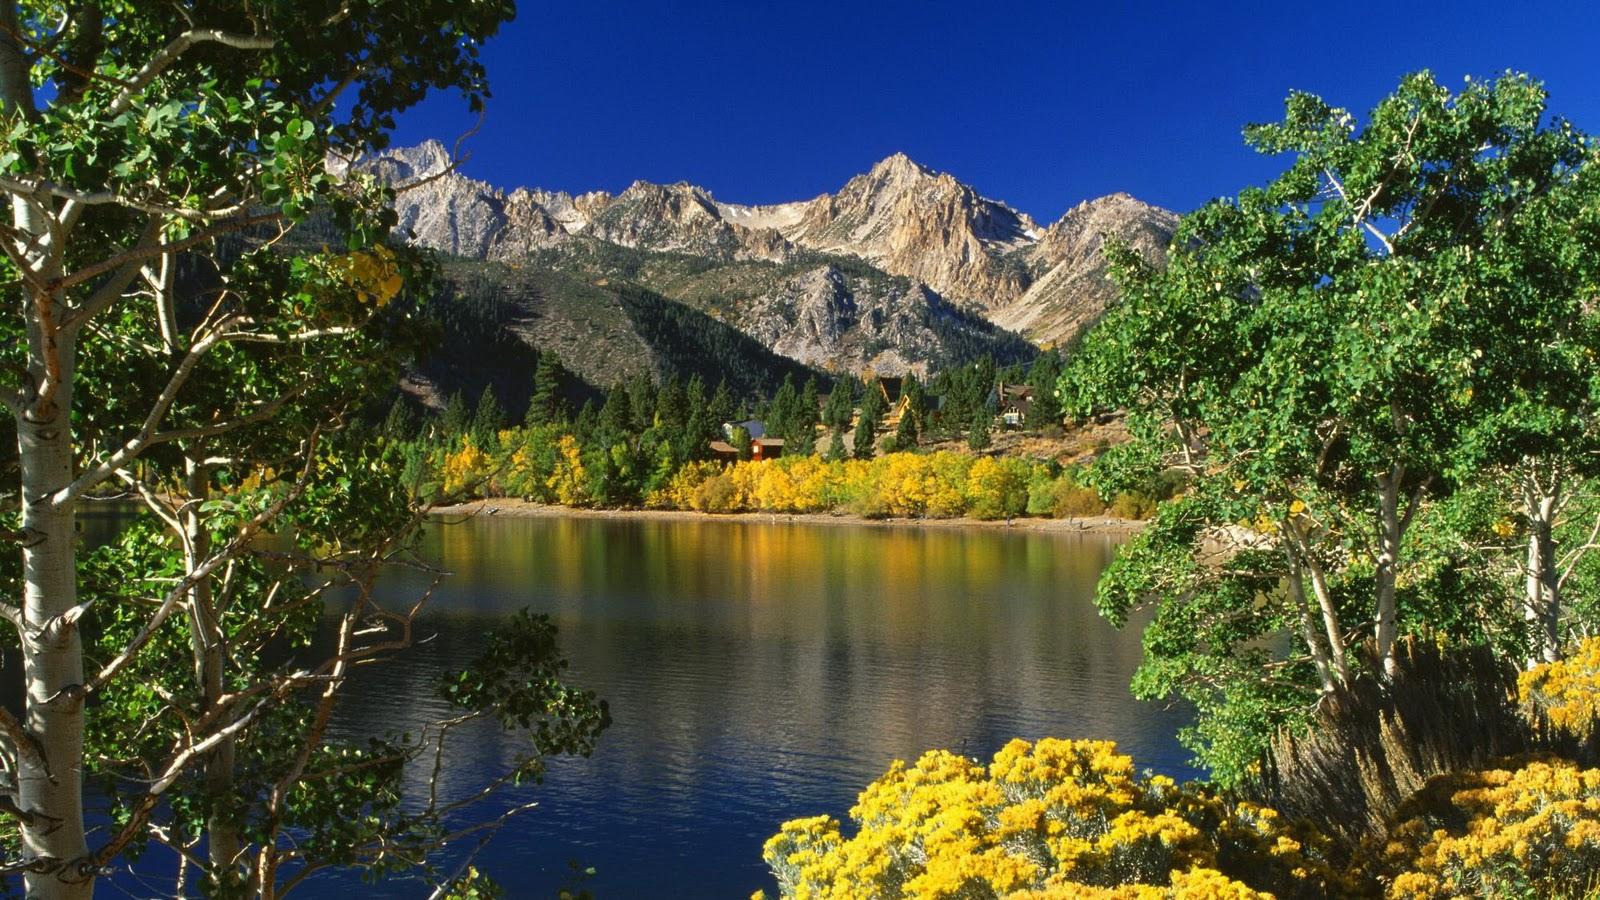 http://4.bp.blogspot.com/_vTQcDXfTeUo/TNKJBJls_oI/AAAAAAAABYA/AbGw9bJDB30/s1600/Nature+Full+HD+www.freehd.blogspot.com+%28160%29.jpg